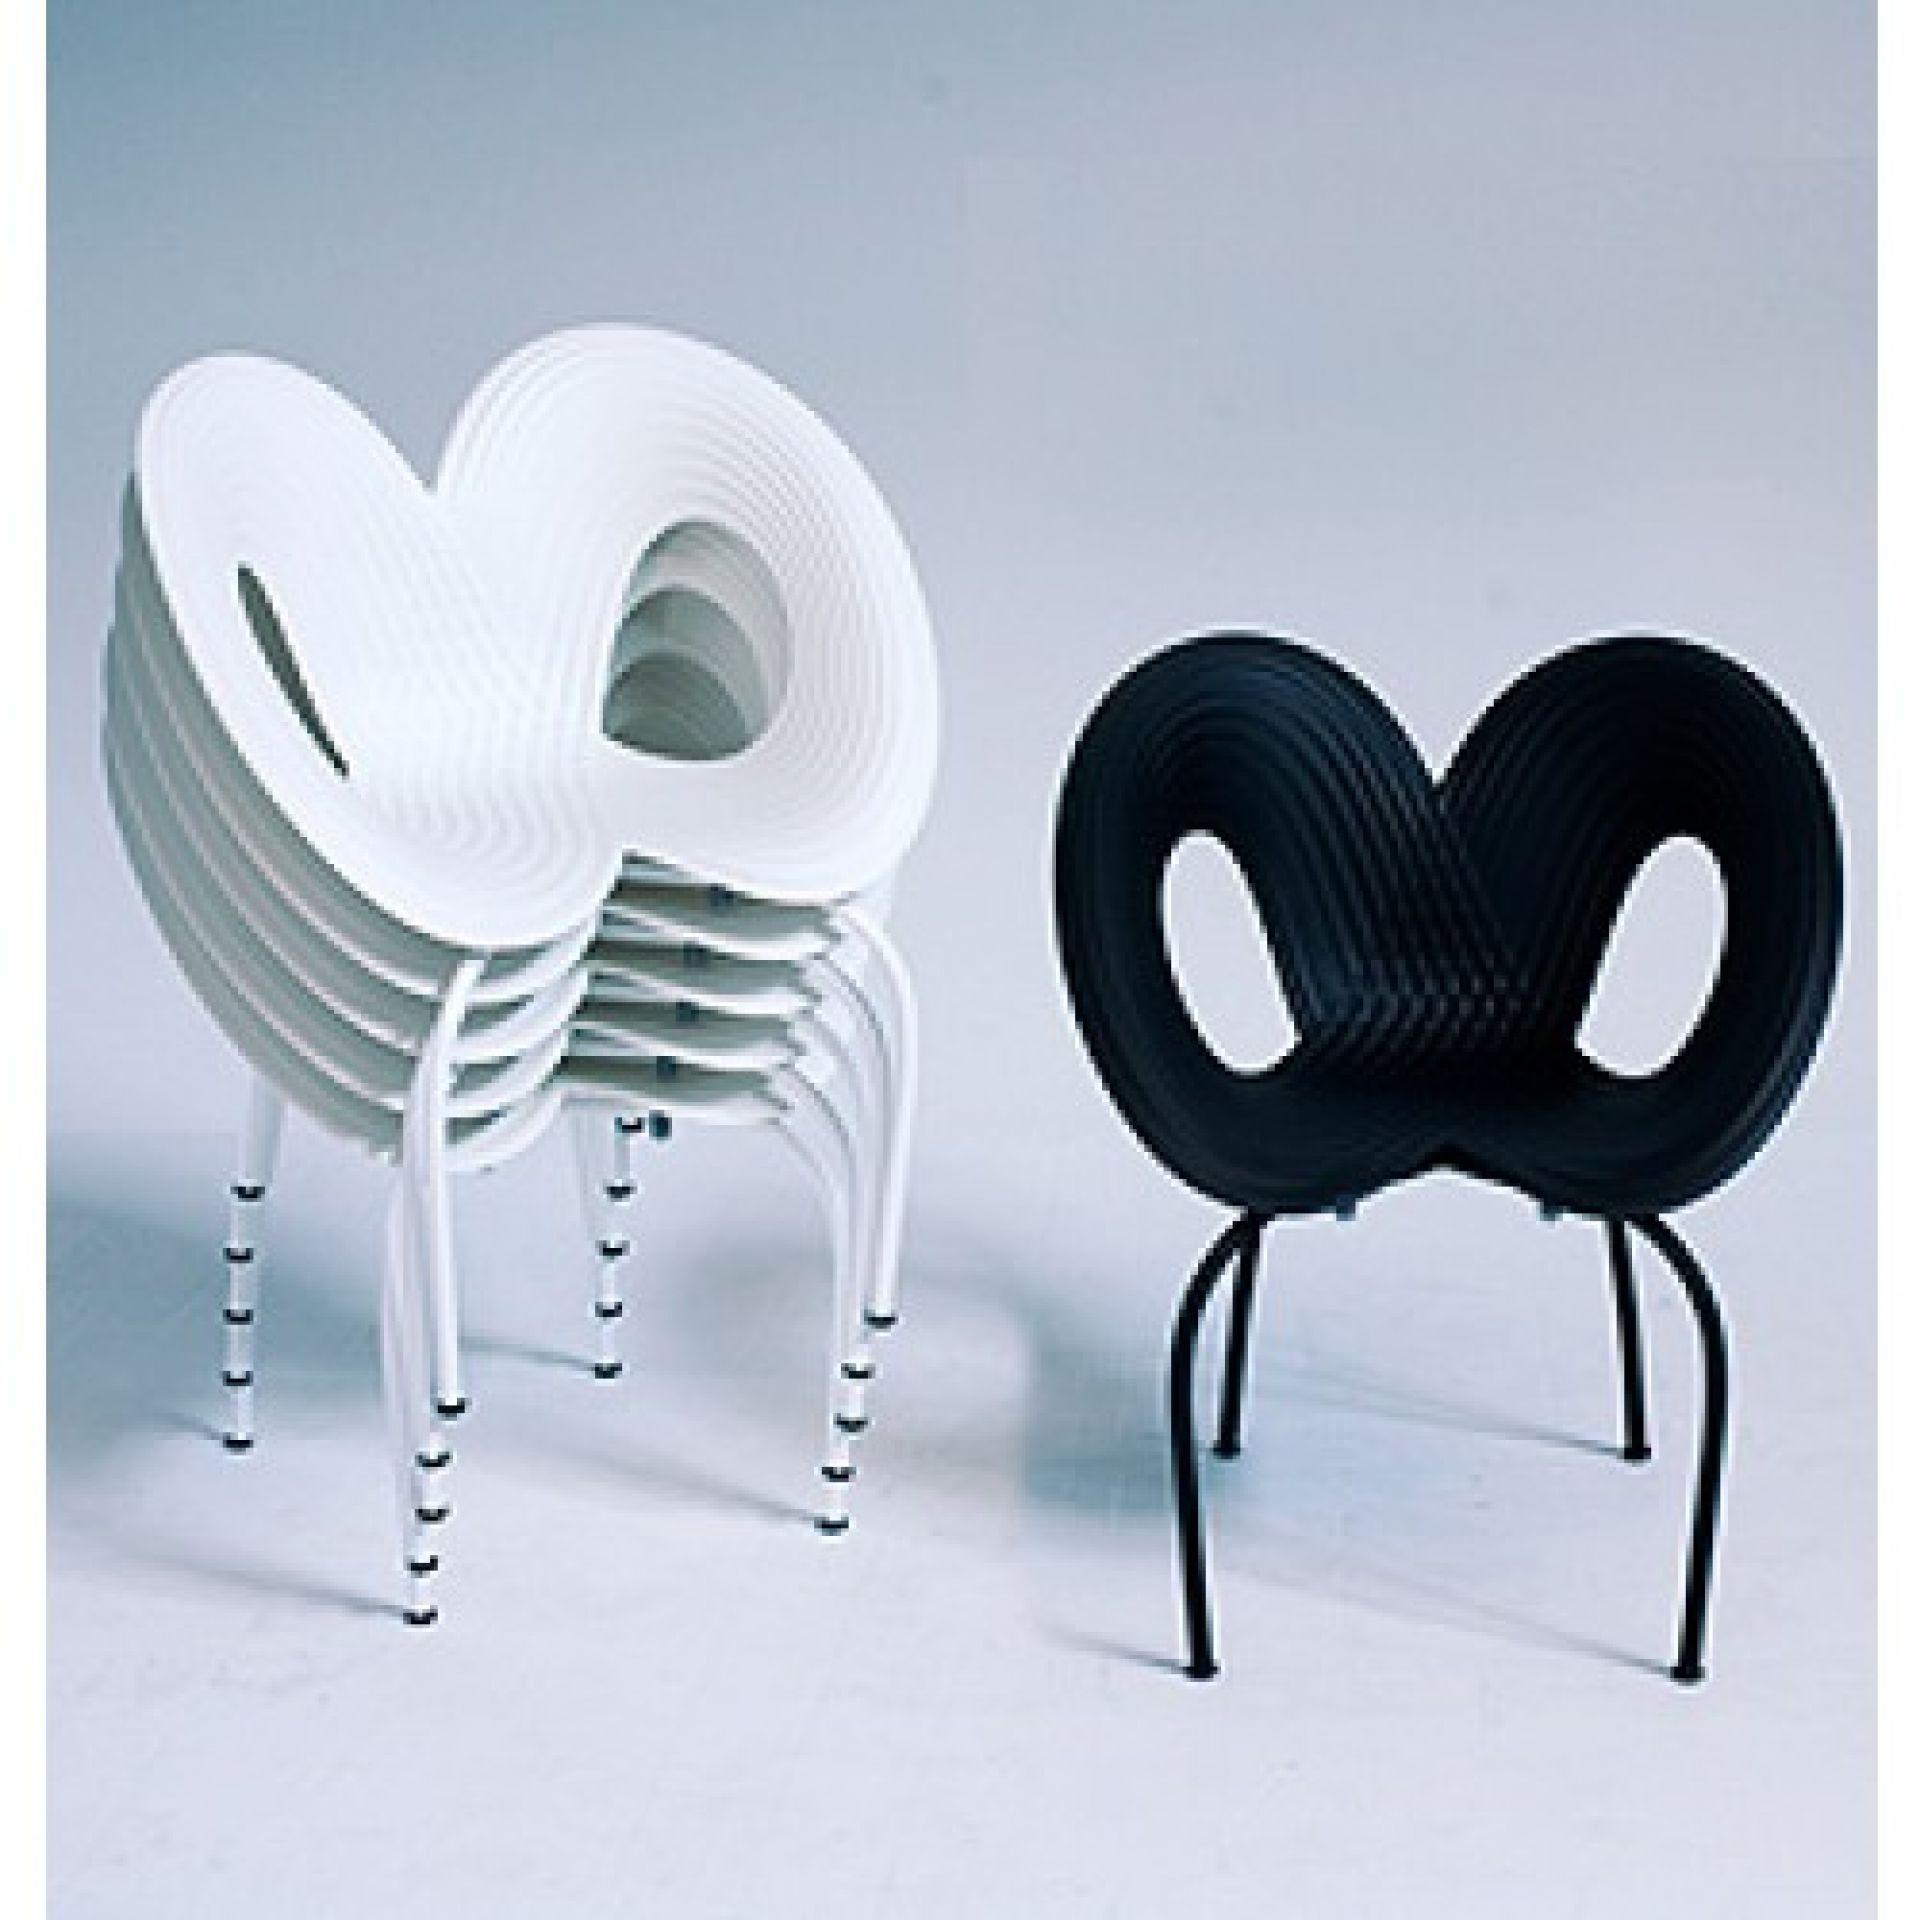 Ripple Chair 2-er Stuhlset Moroso